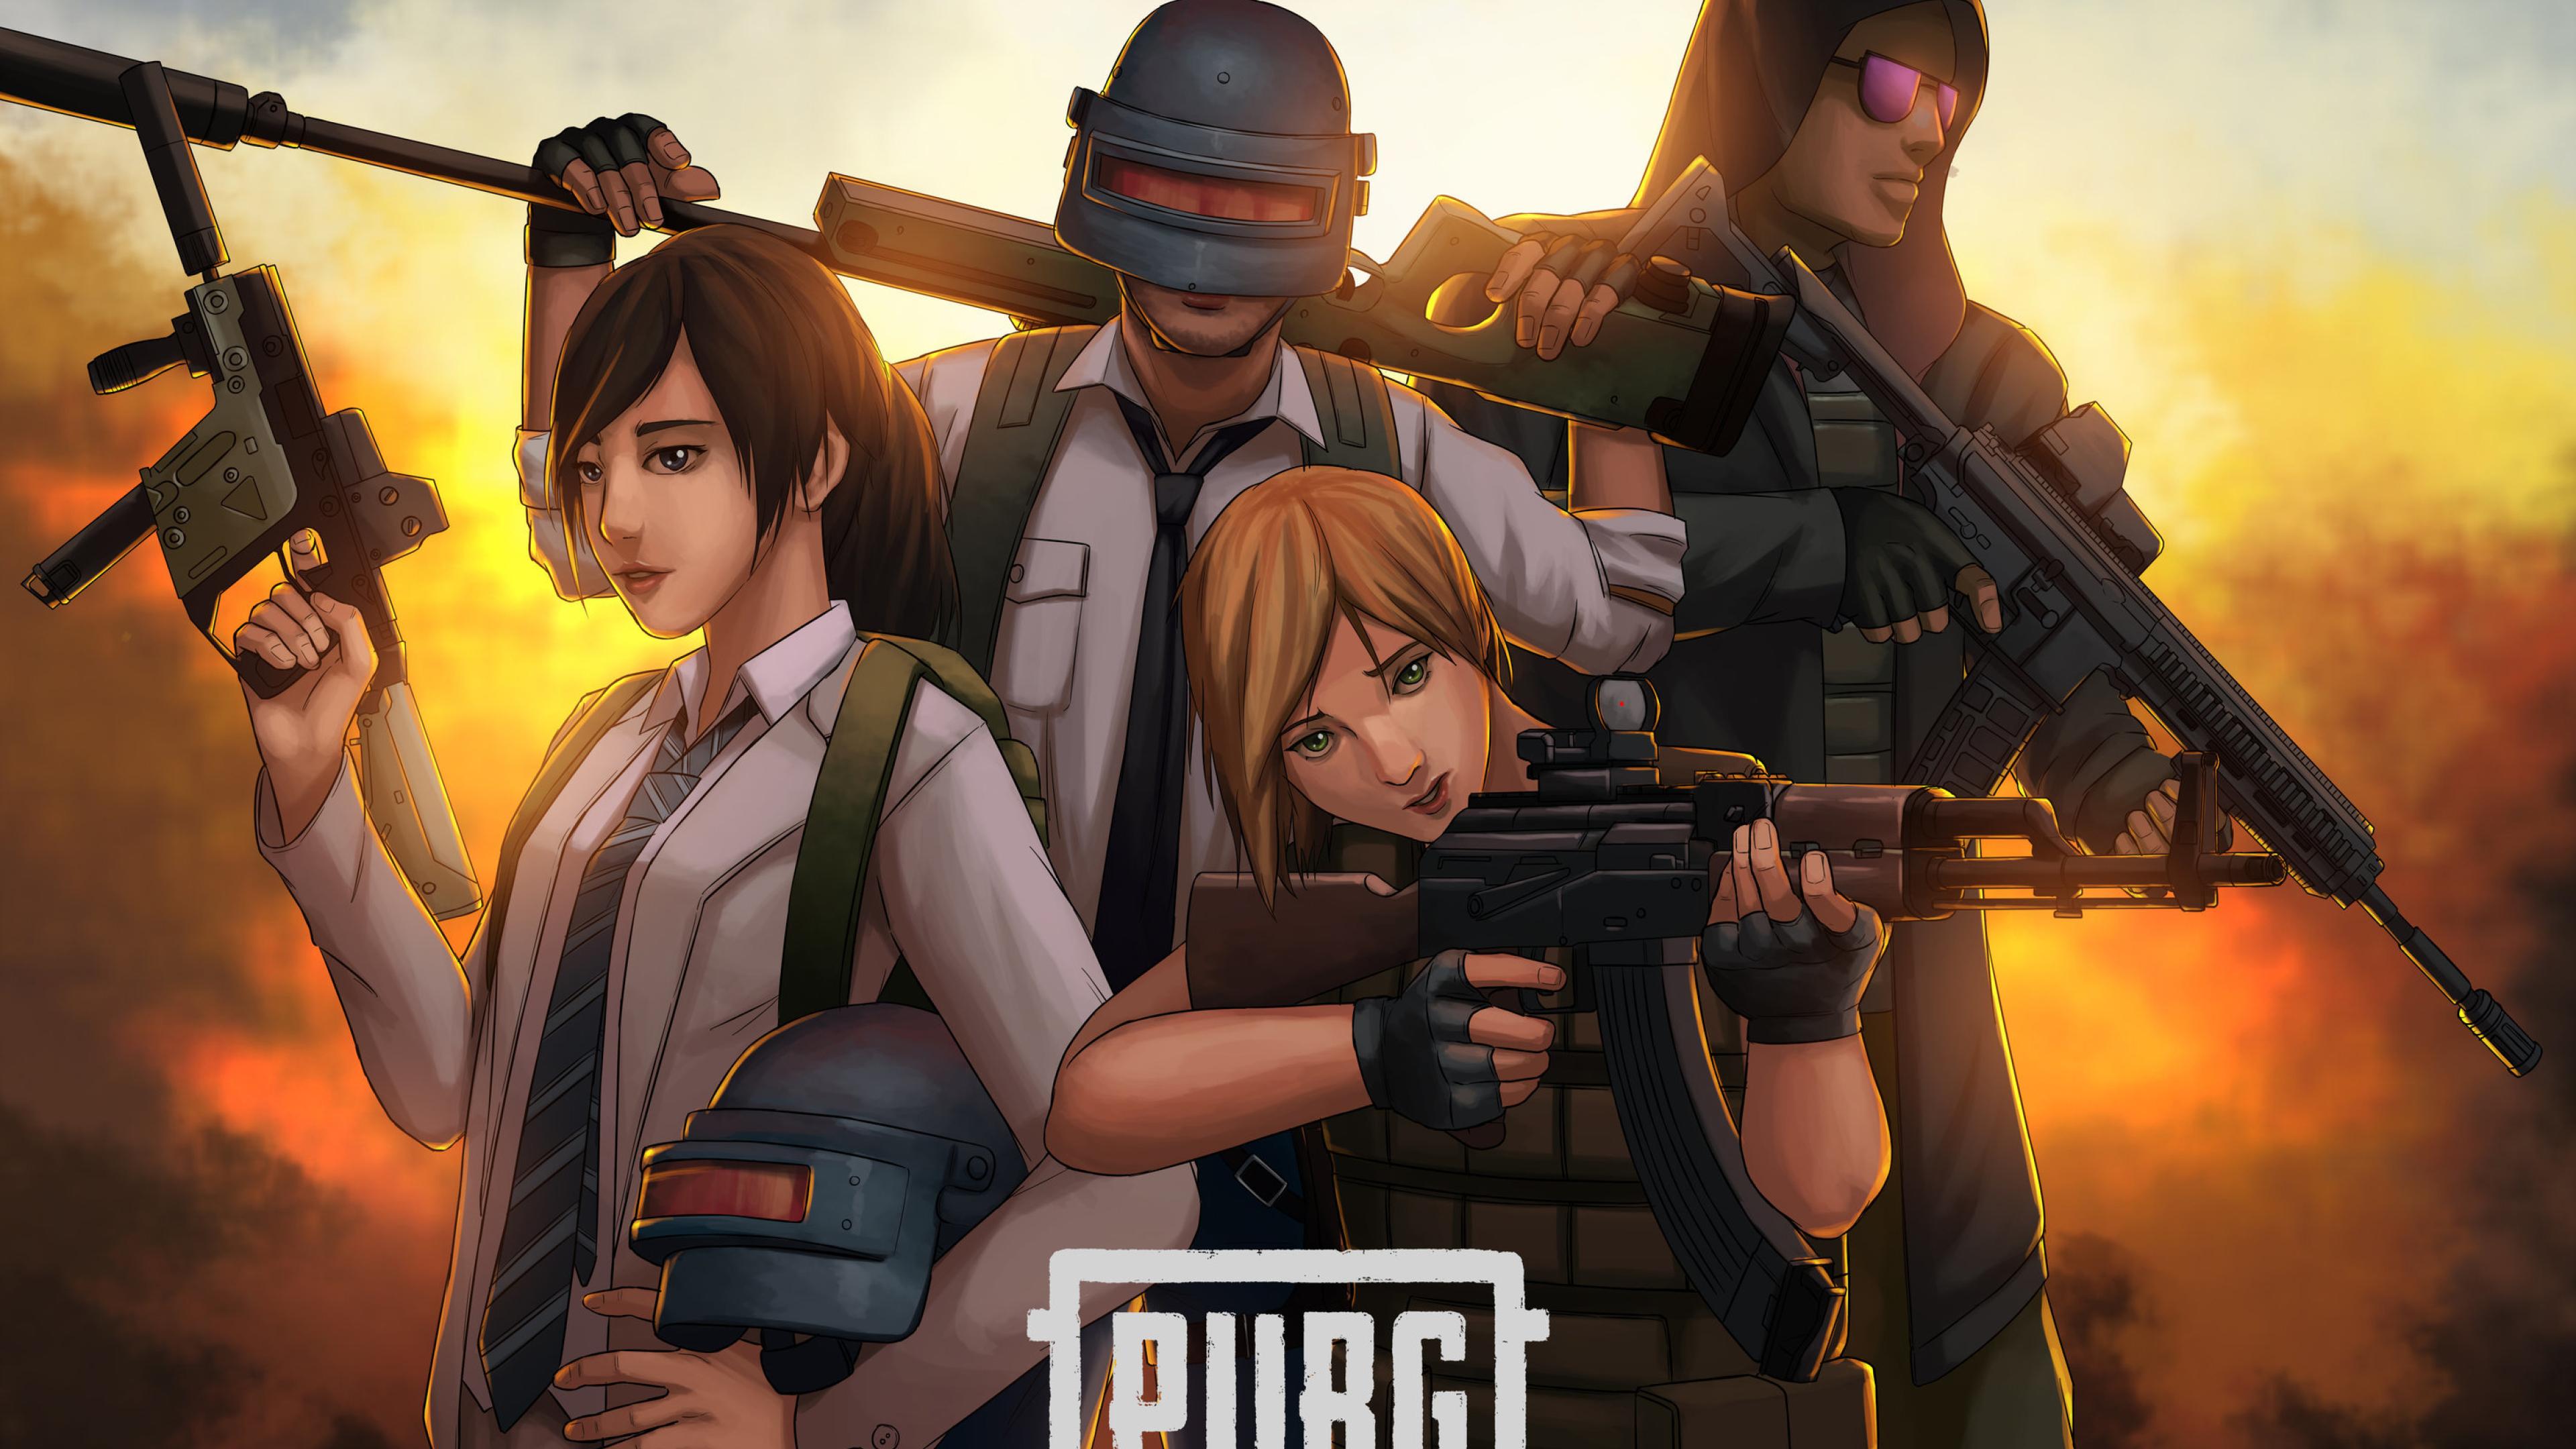 3840x2160 Playerunknown S Battlegrounds 2019 Artwork 4k Wallpaper